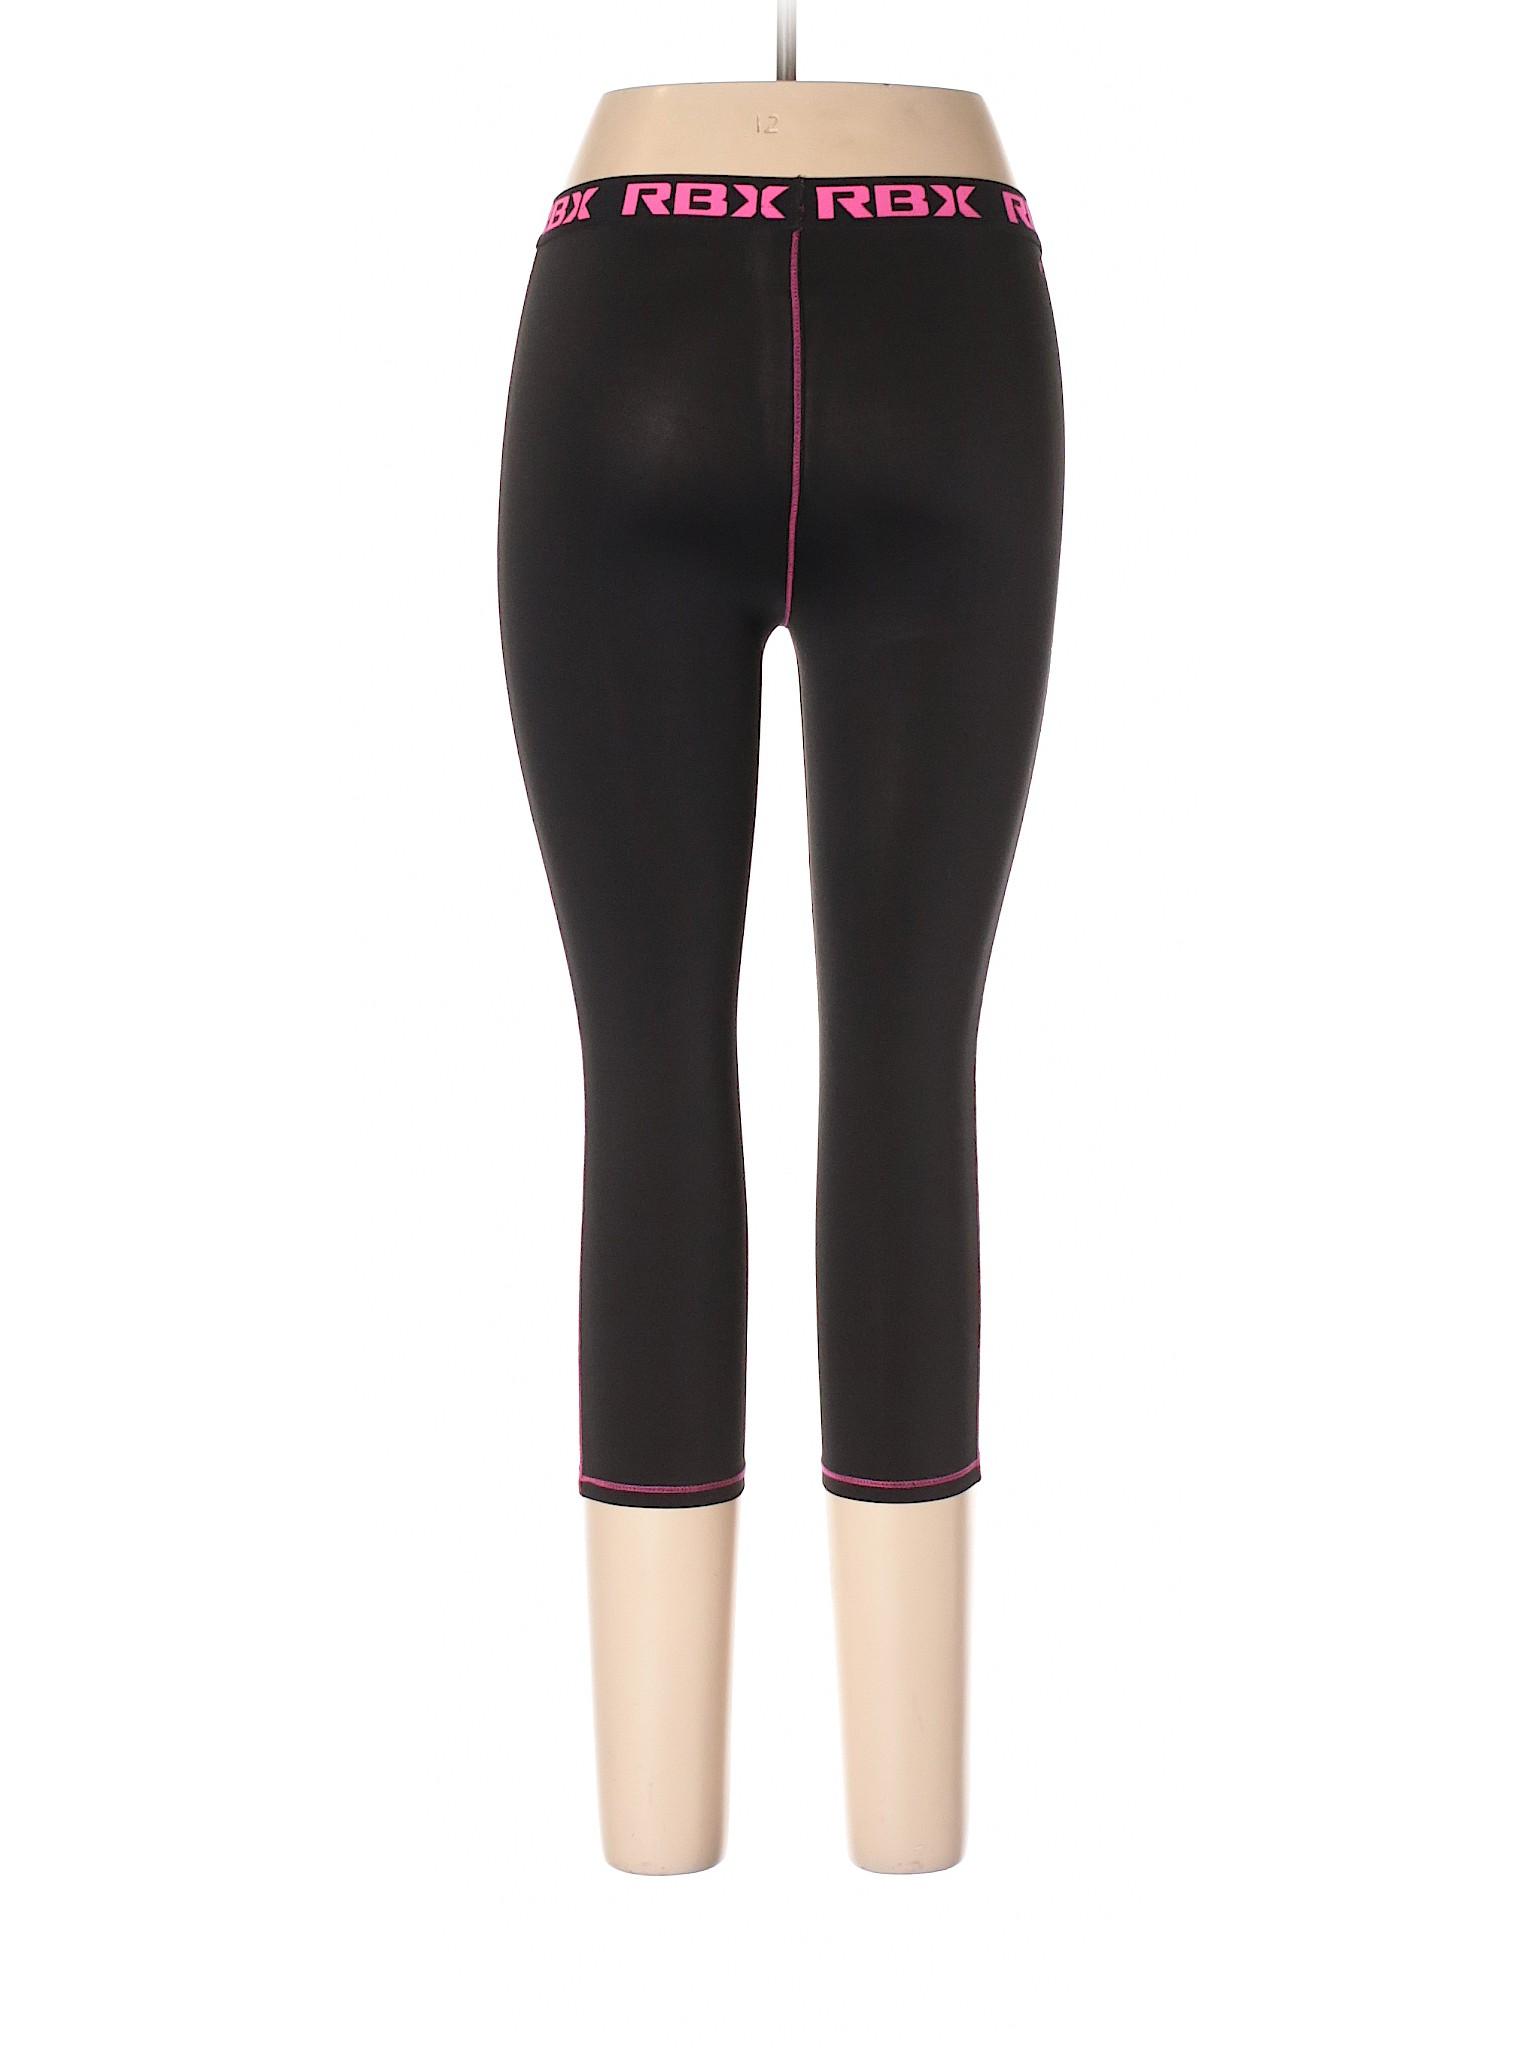 RBX Boutique leisure leisure Pants Active Boutique qx6HxgwF